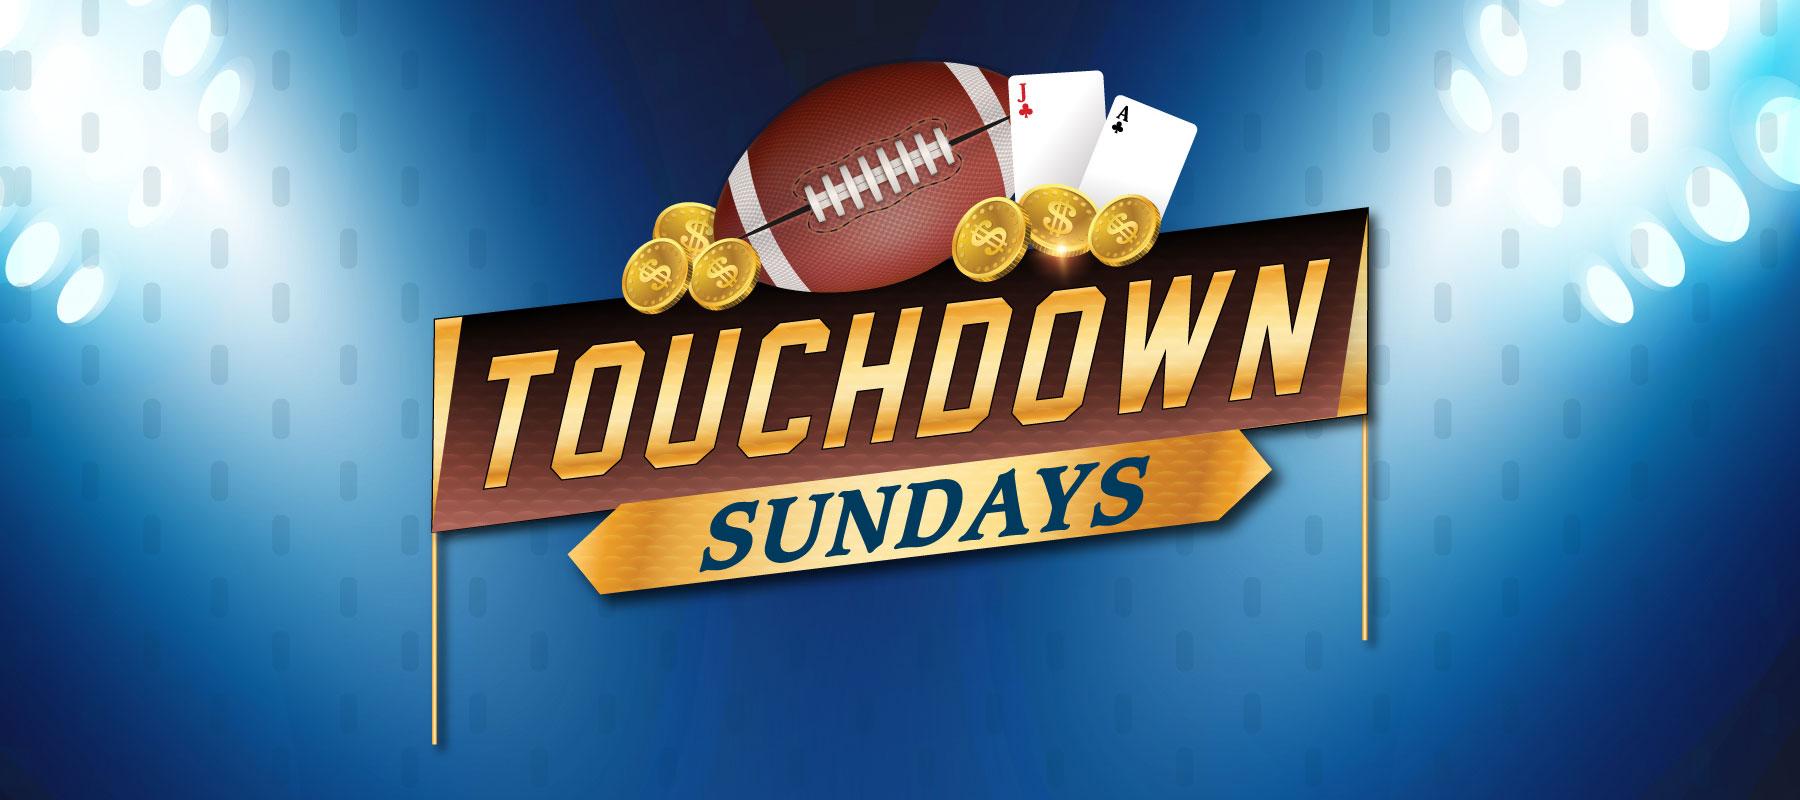 Touchdown Sundays